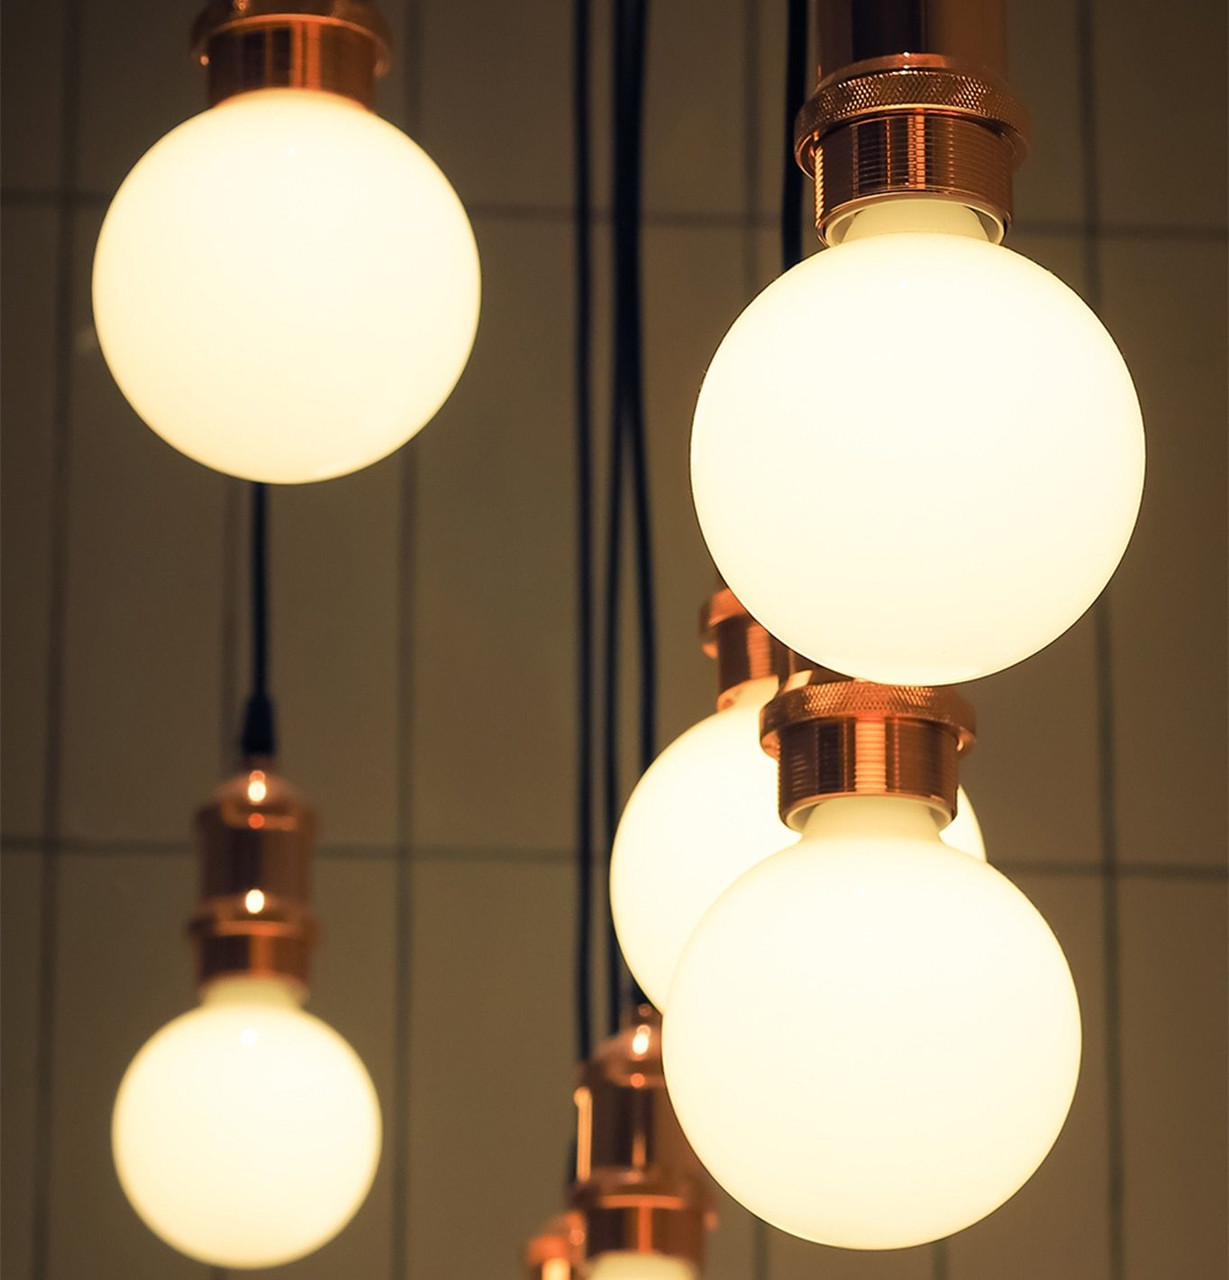 LED G95 Pearl Light Bulbs